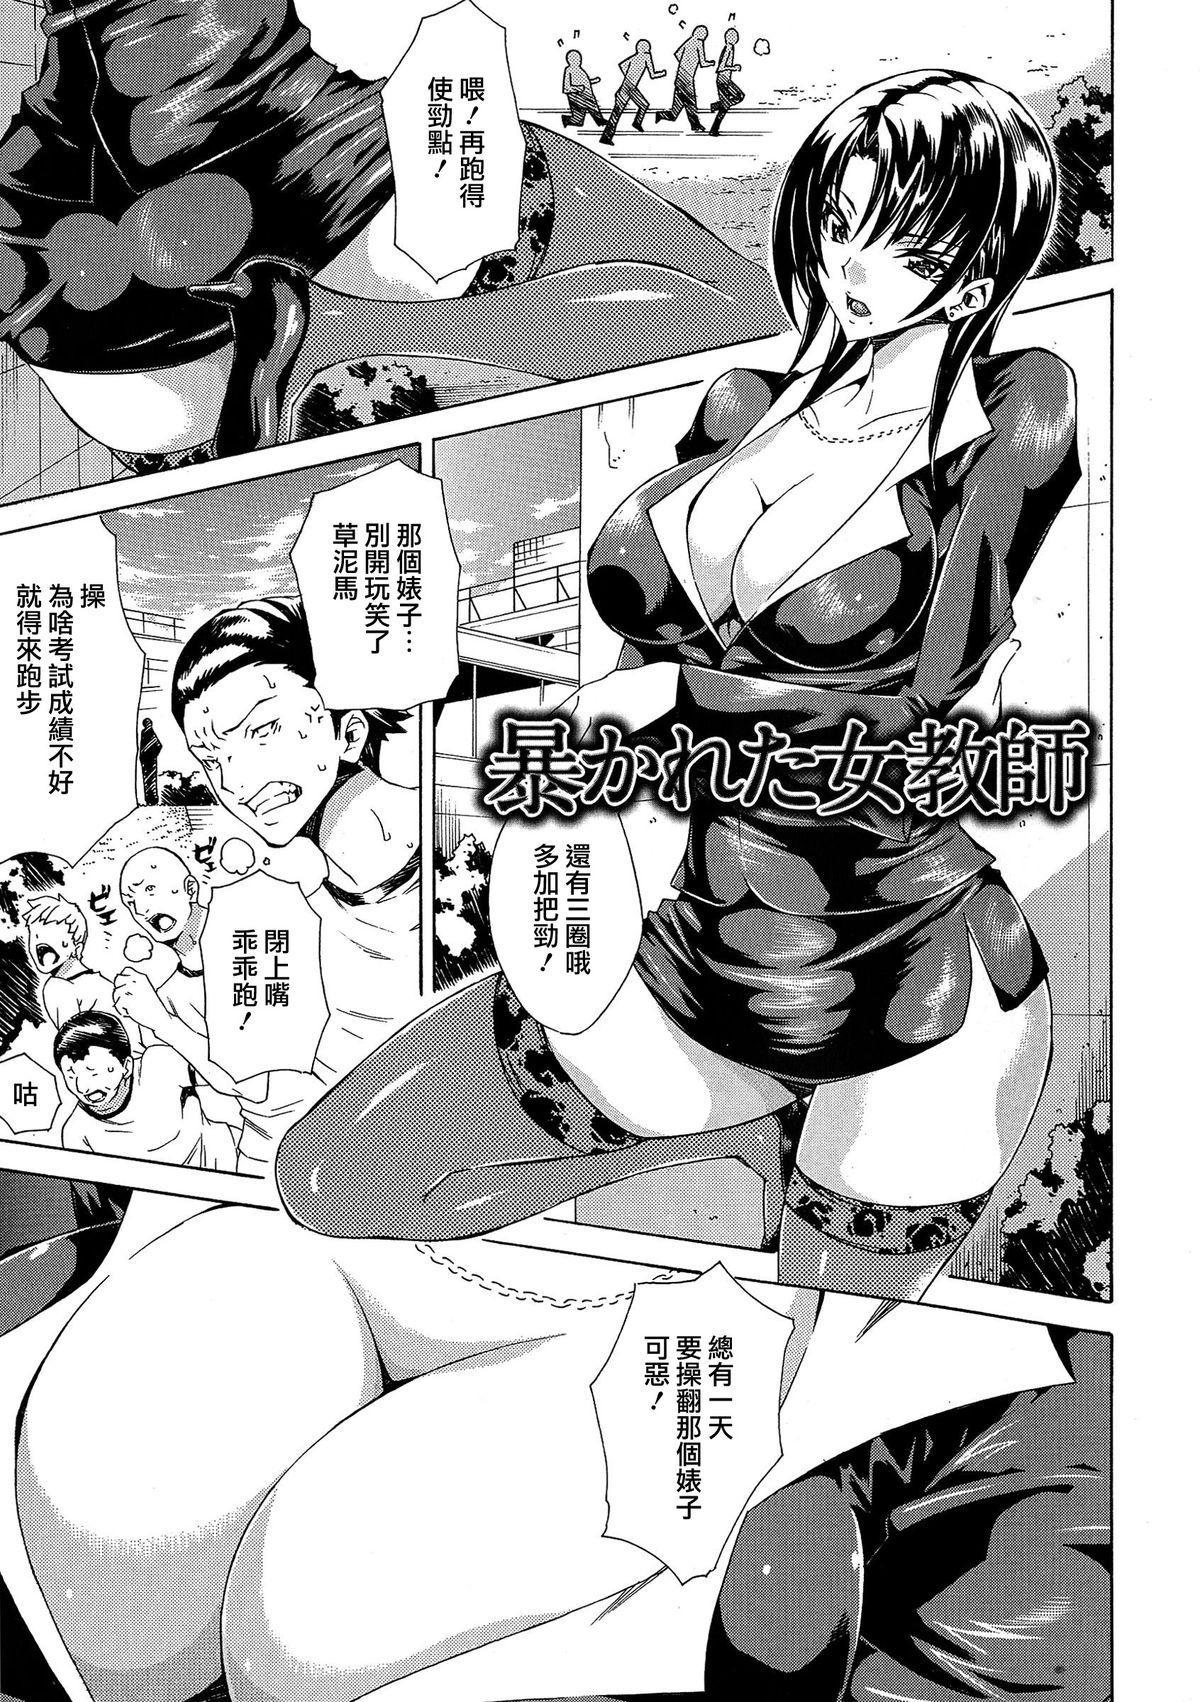 Kachiki na Onna ga Buzama na Ahegao o Sarasu Made 65